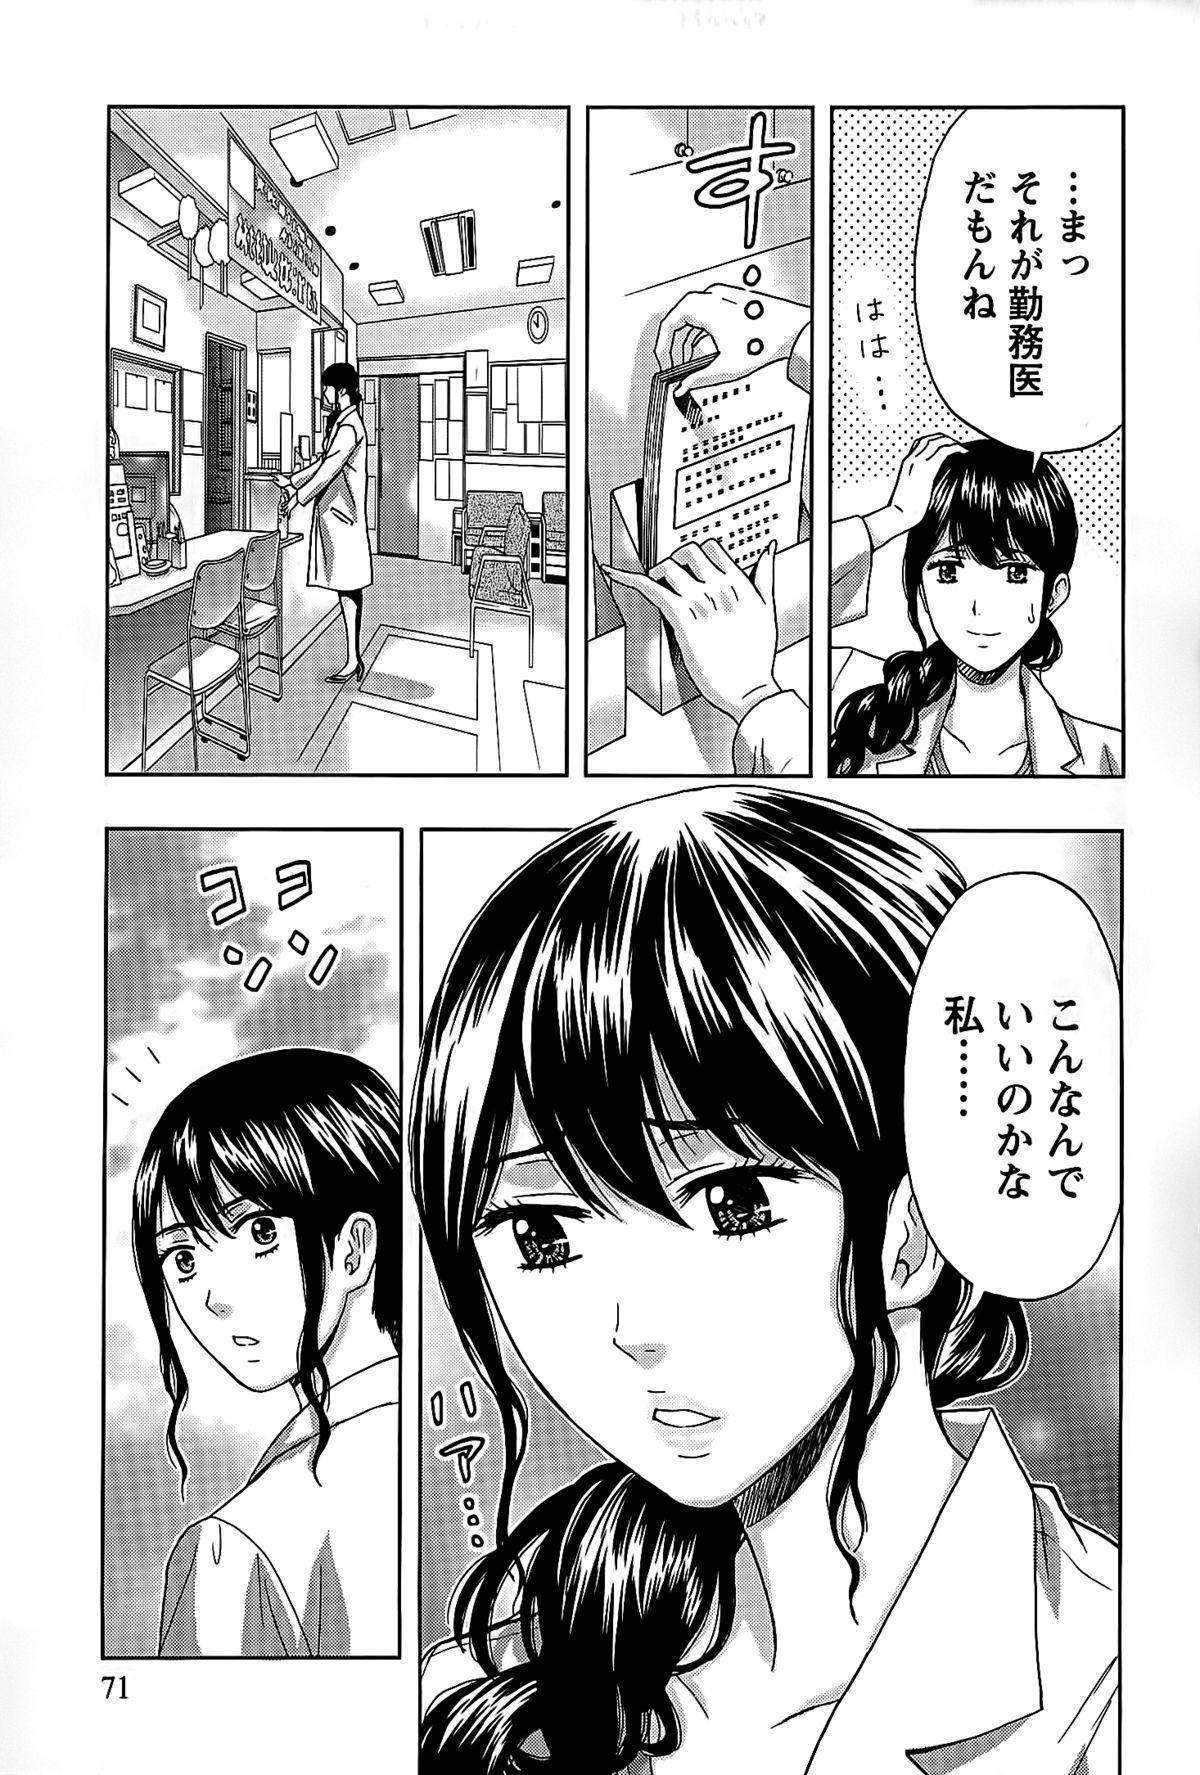 Shittori Lady to Amai Mitsu 70